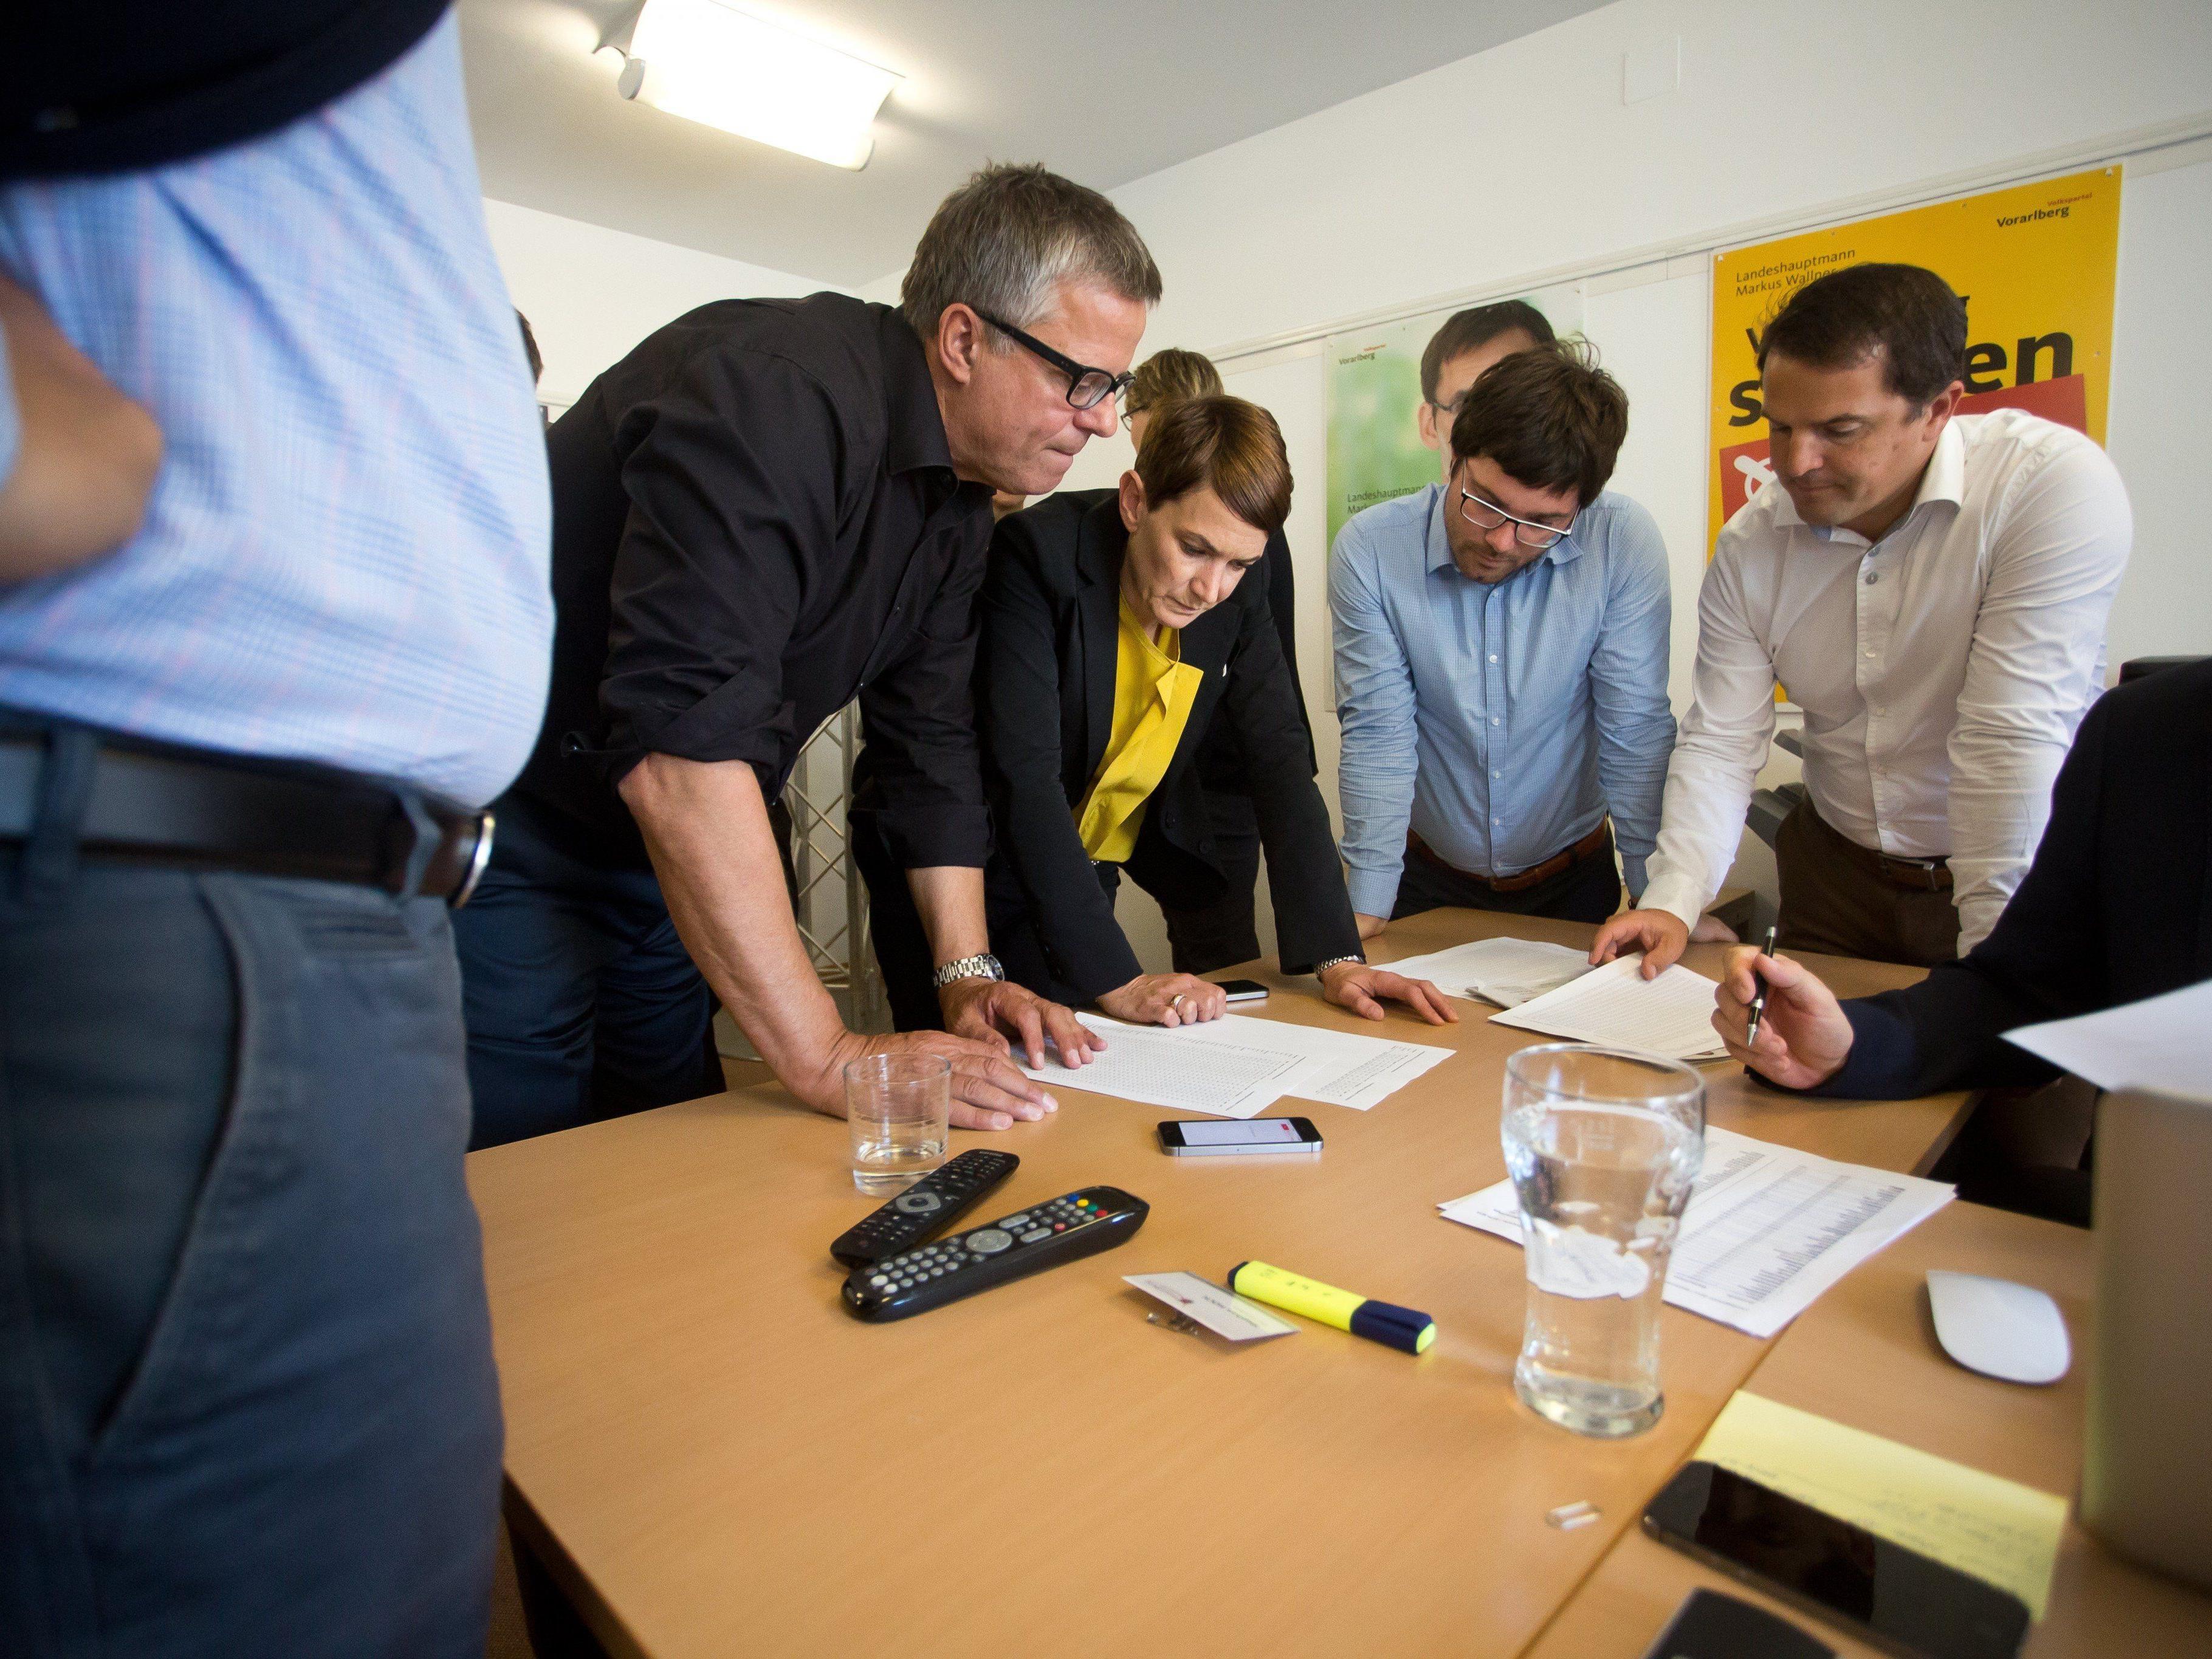 Im ÖVP-Klub studiert man die ersten Zahlen - die Absolute ist weg.